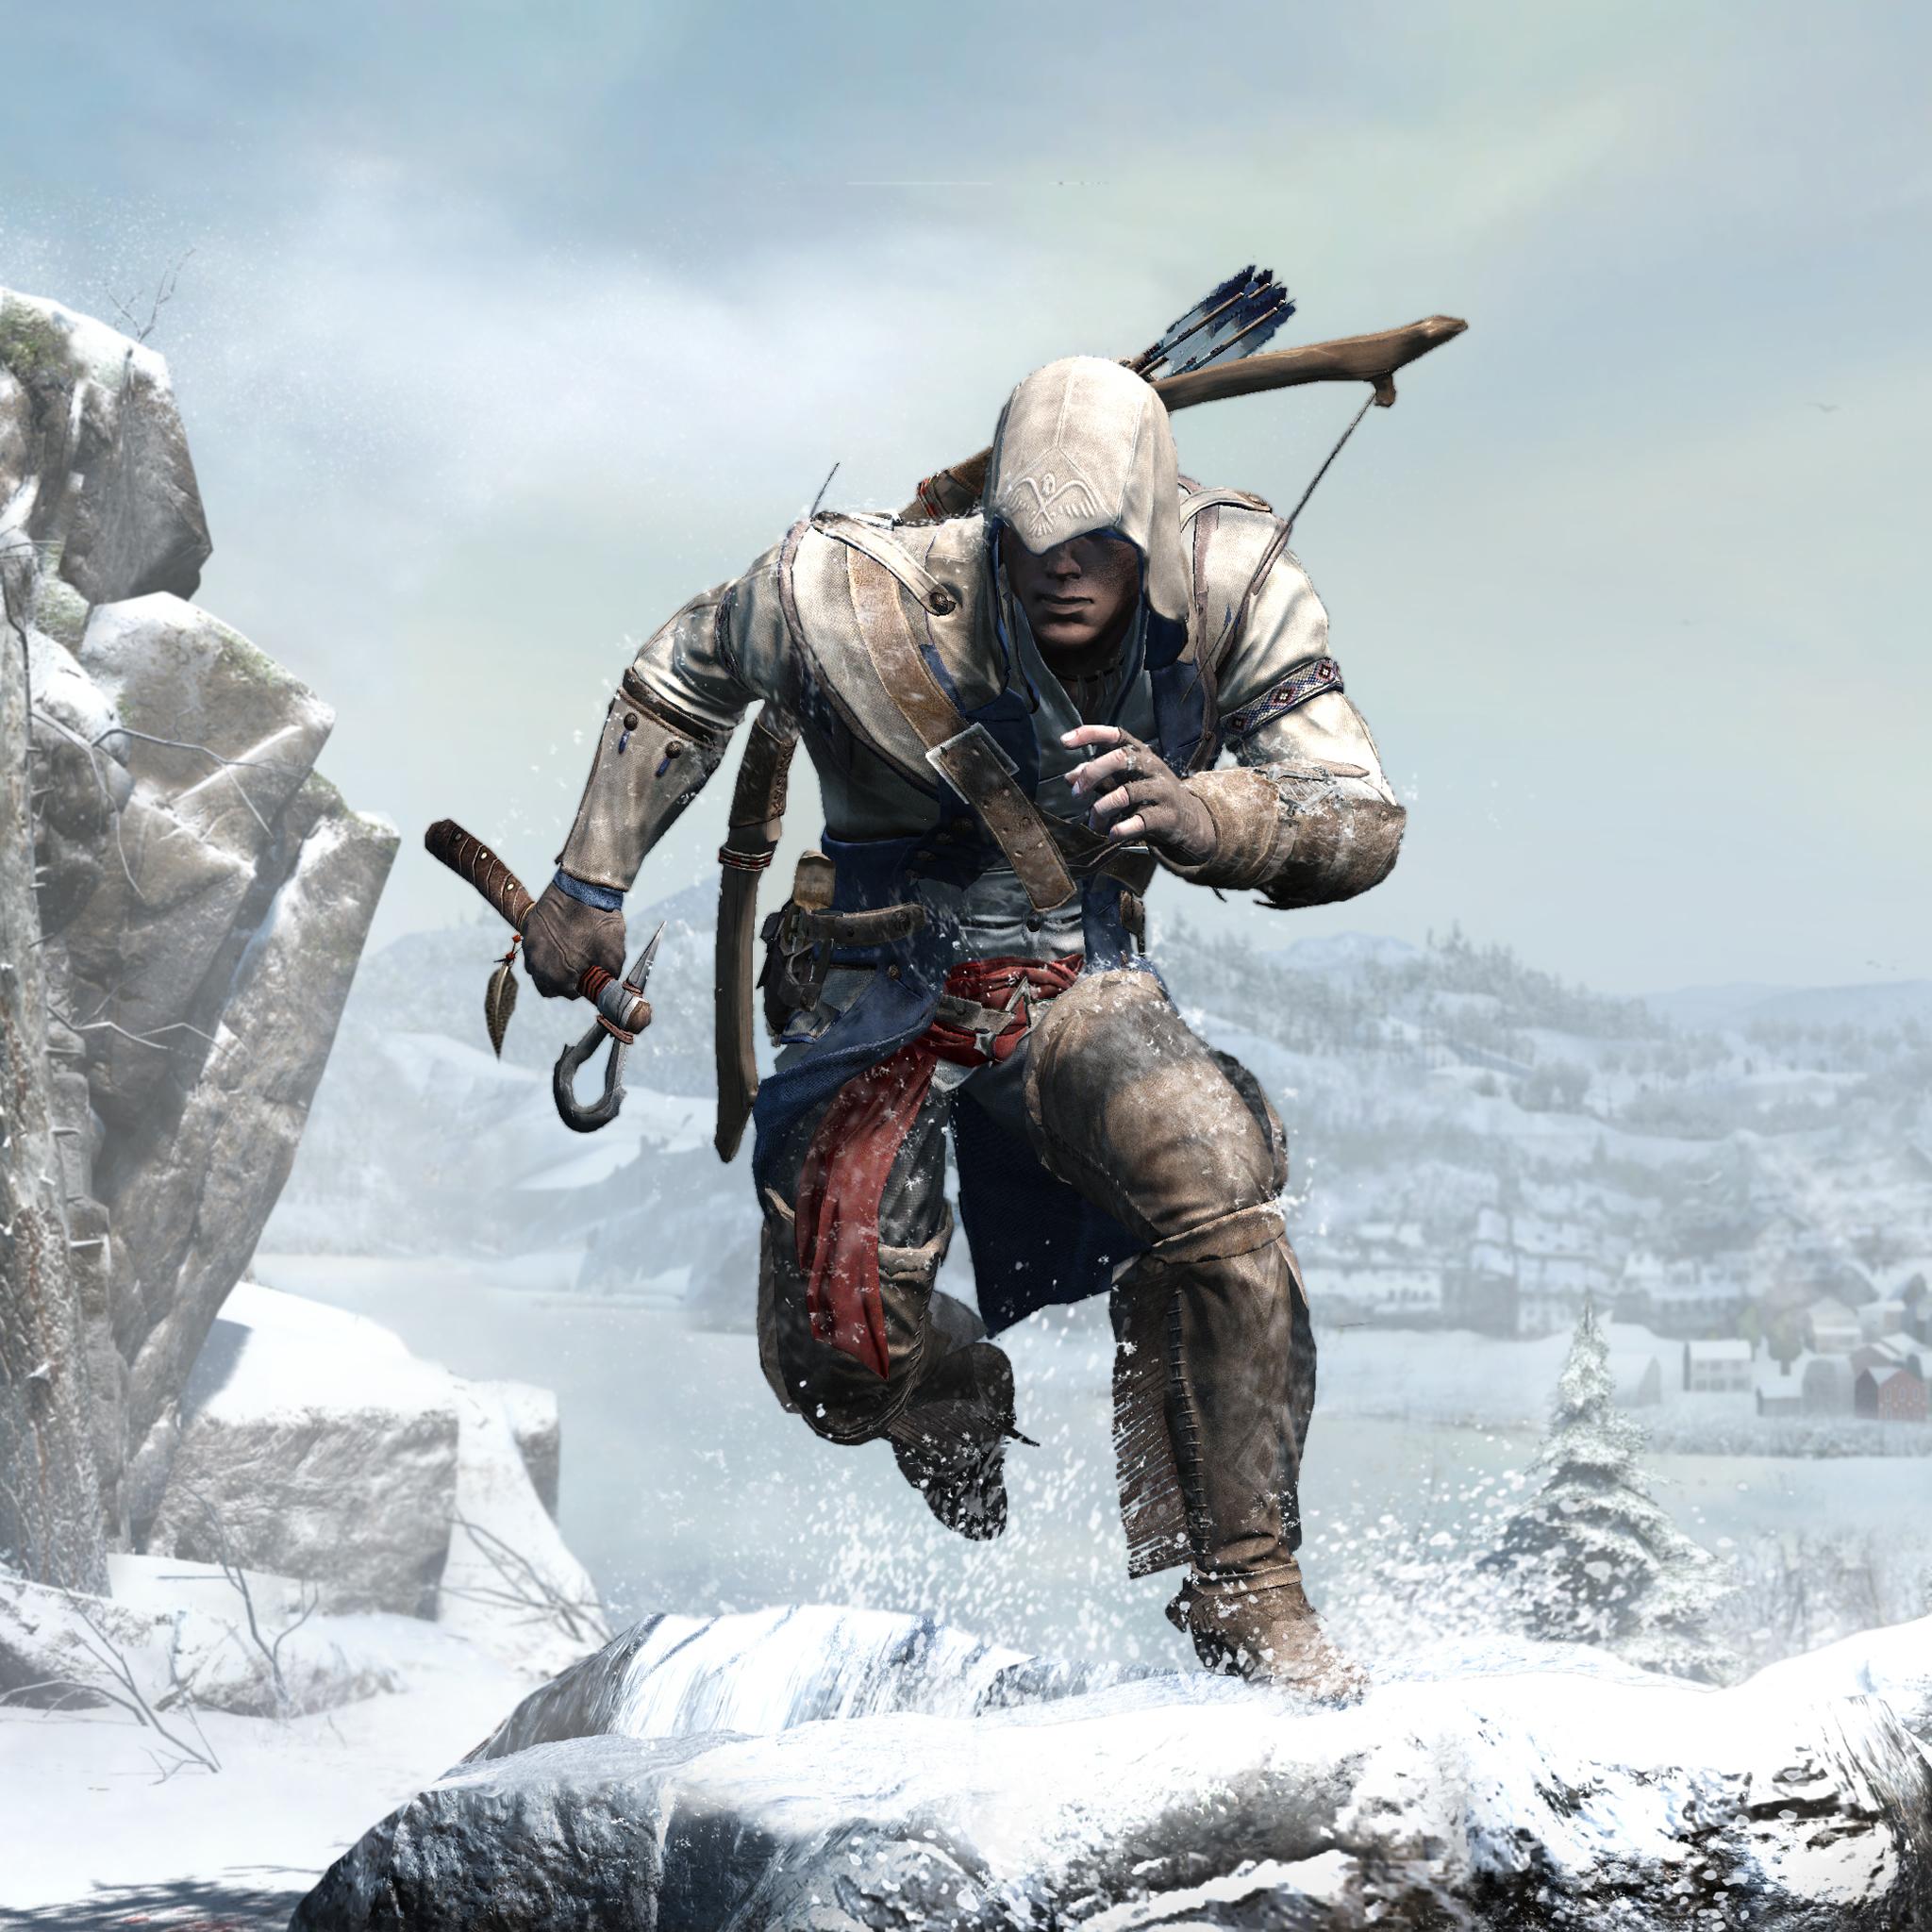 刺客信条,战士,战争,下雪,游戏,军事,绿色